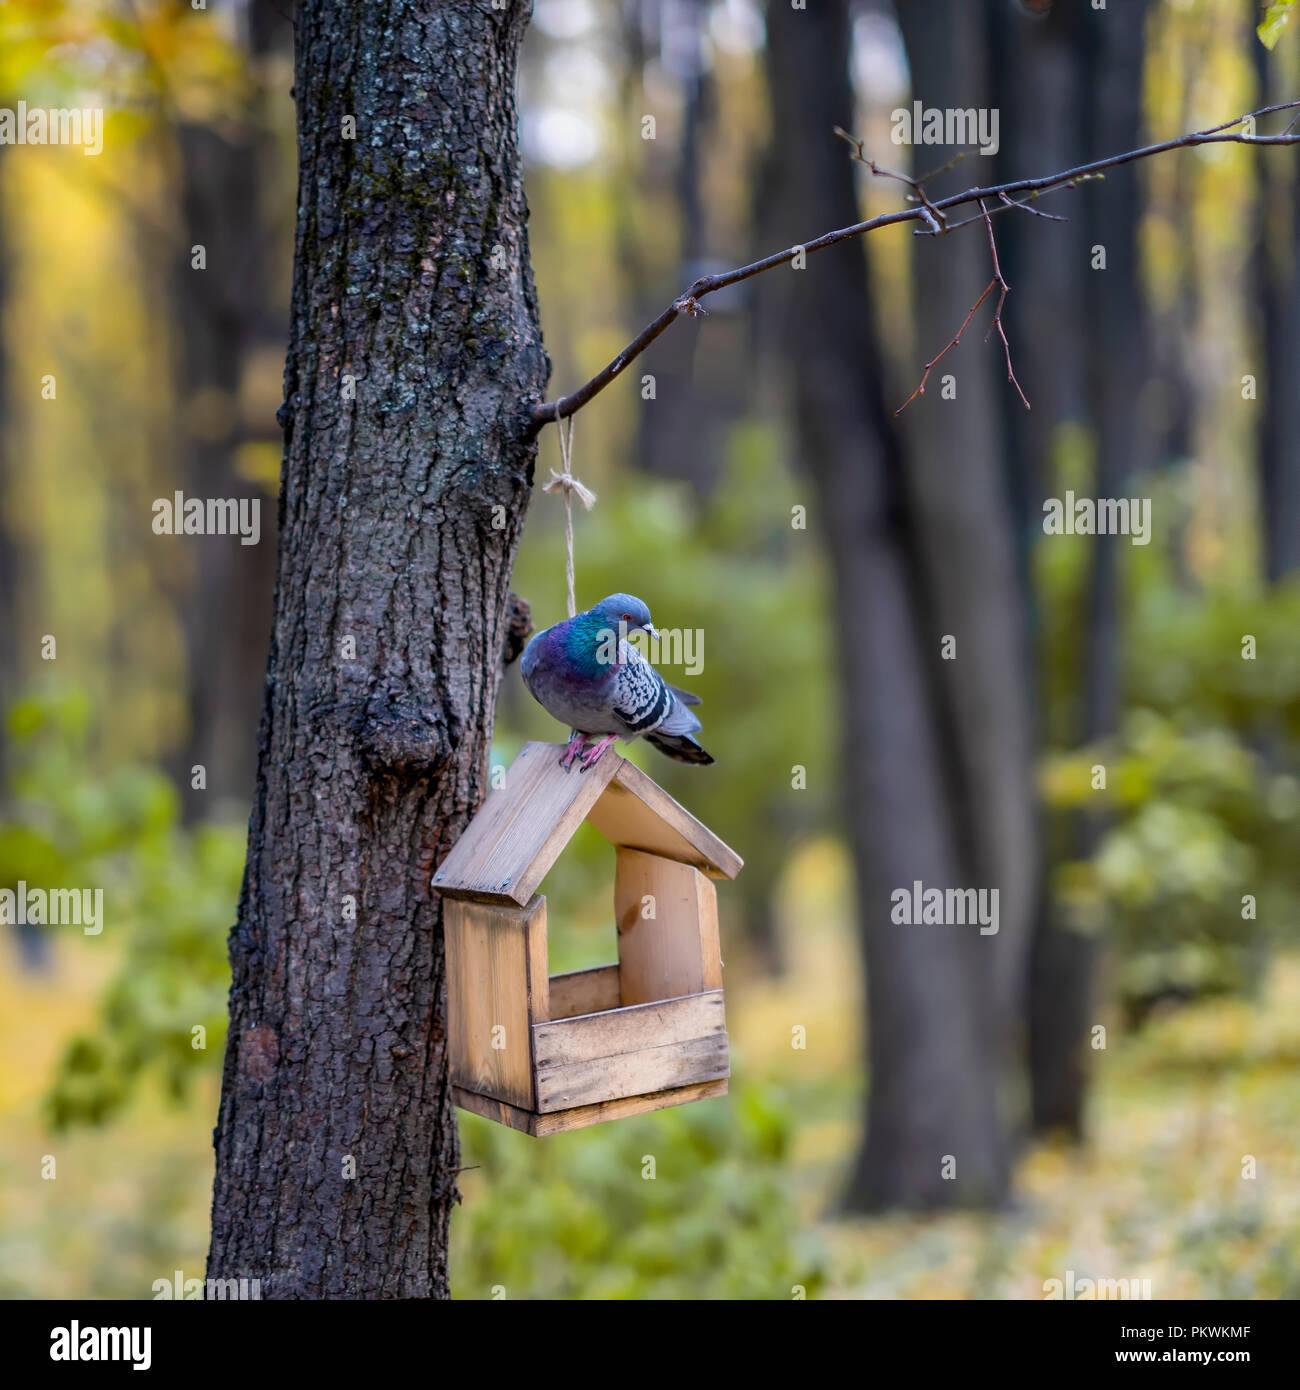 Curieux pigeon sauvage assis sur une mangeoire en bois dans la forêt d'automne Photo Stock